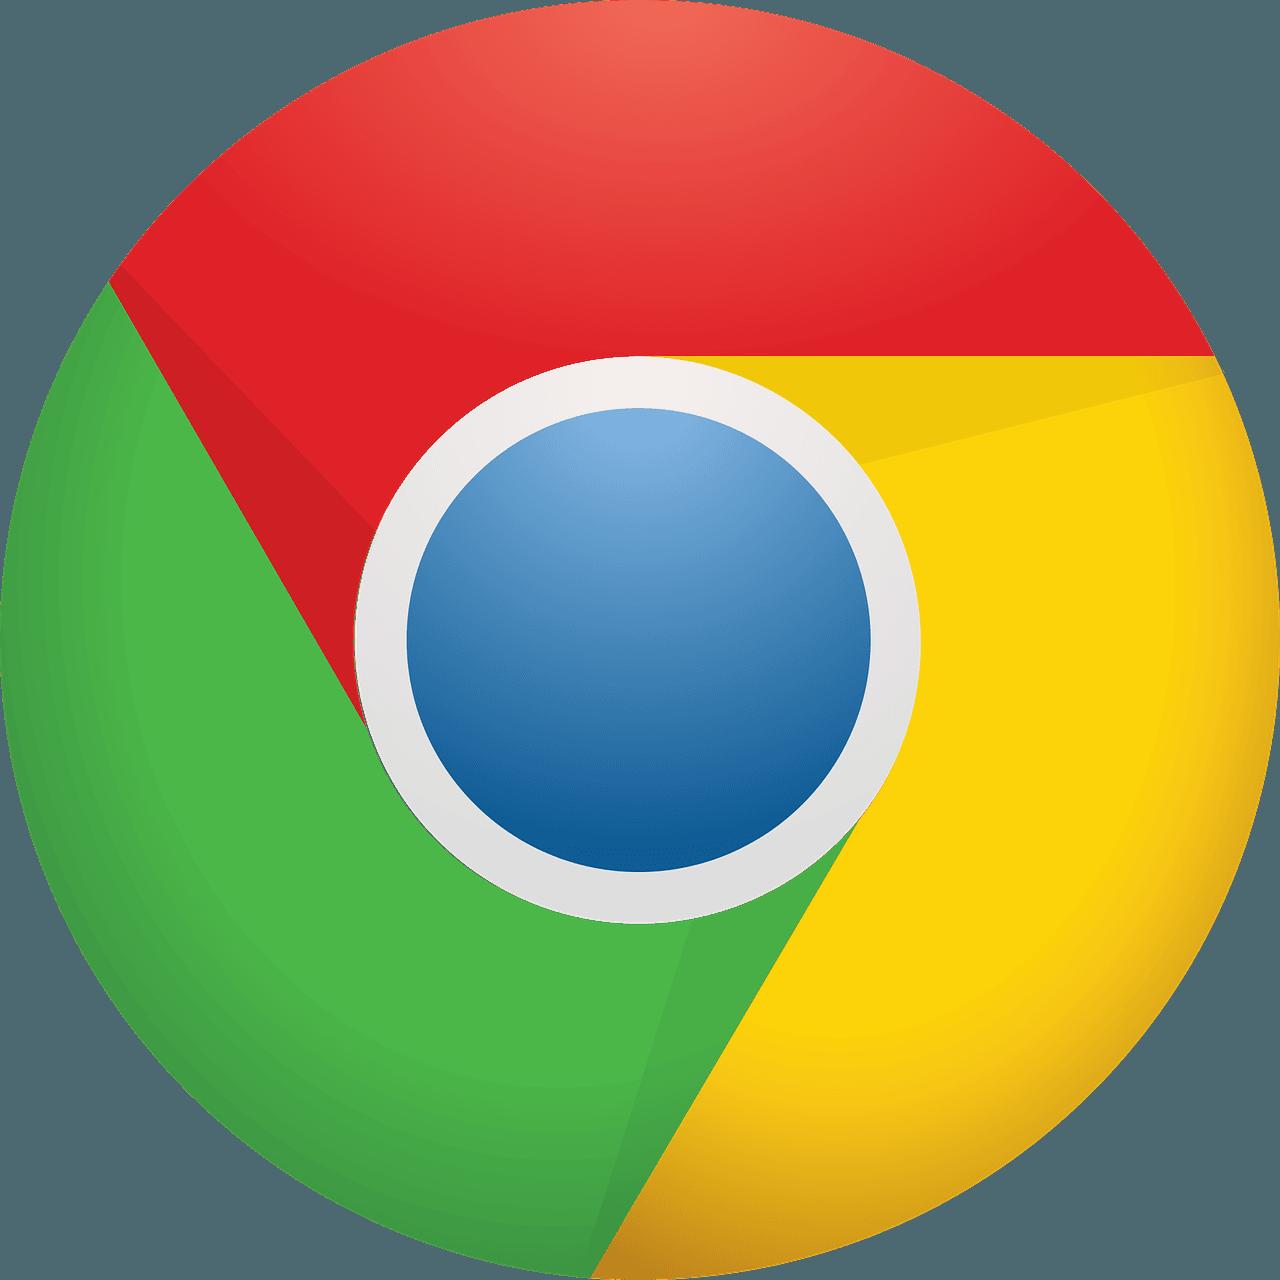 Chrome 79 está causando problemas para usuários do Linux